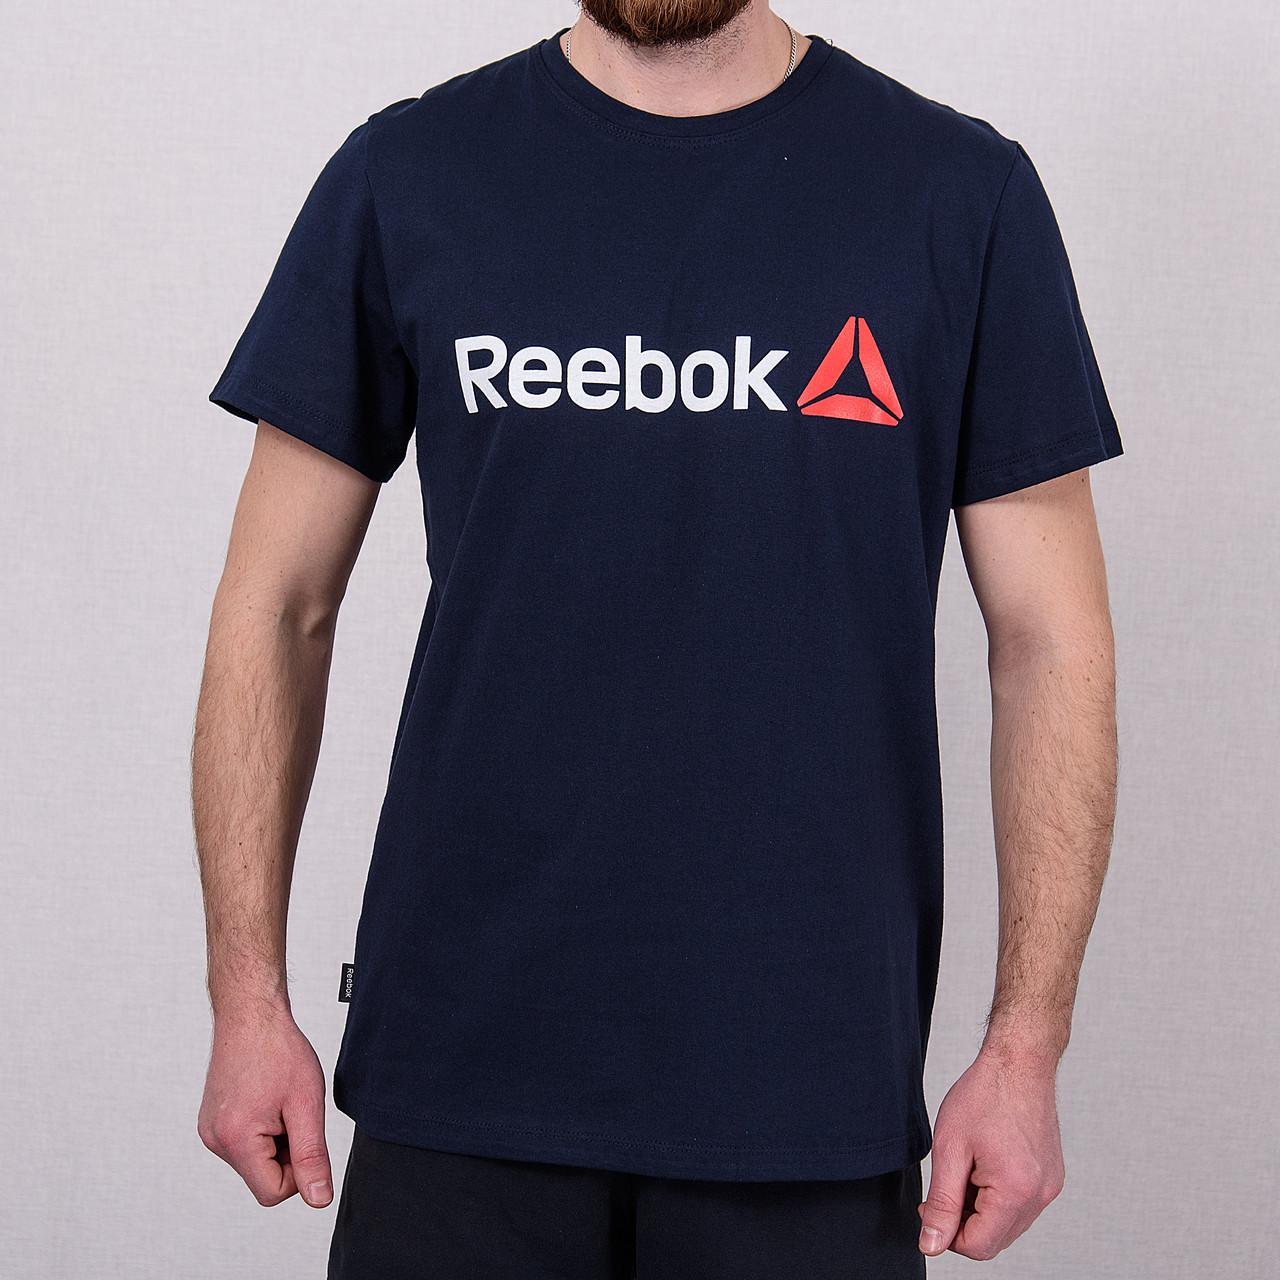 Чоловіча спортивна футболка Reebok, темно-синього кольору